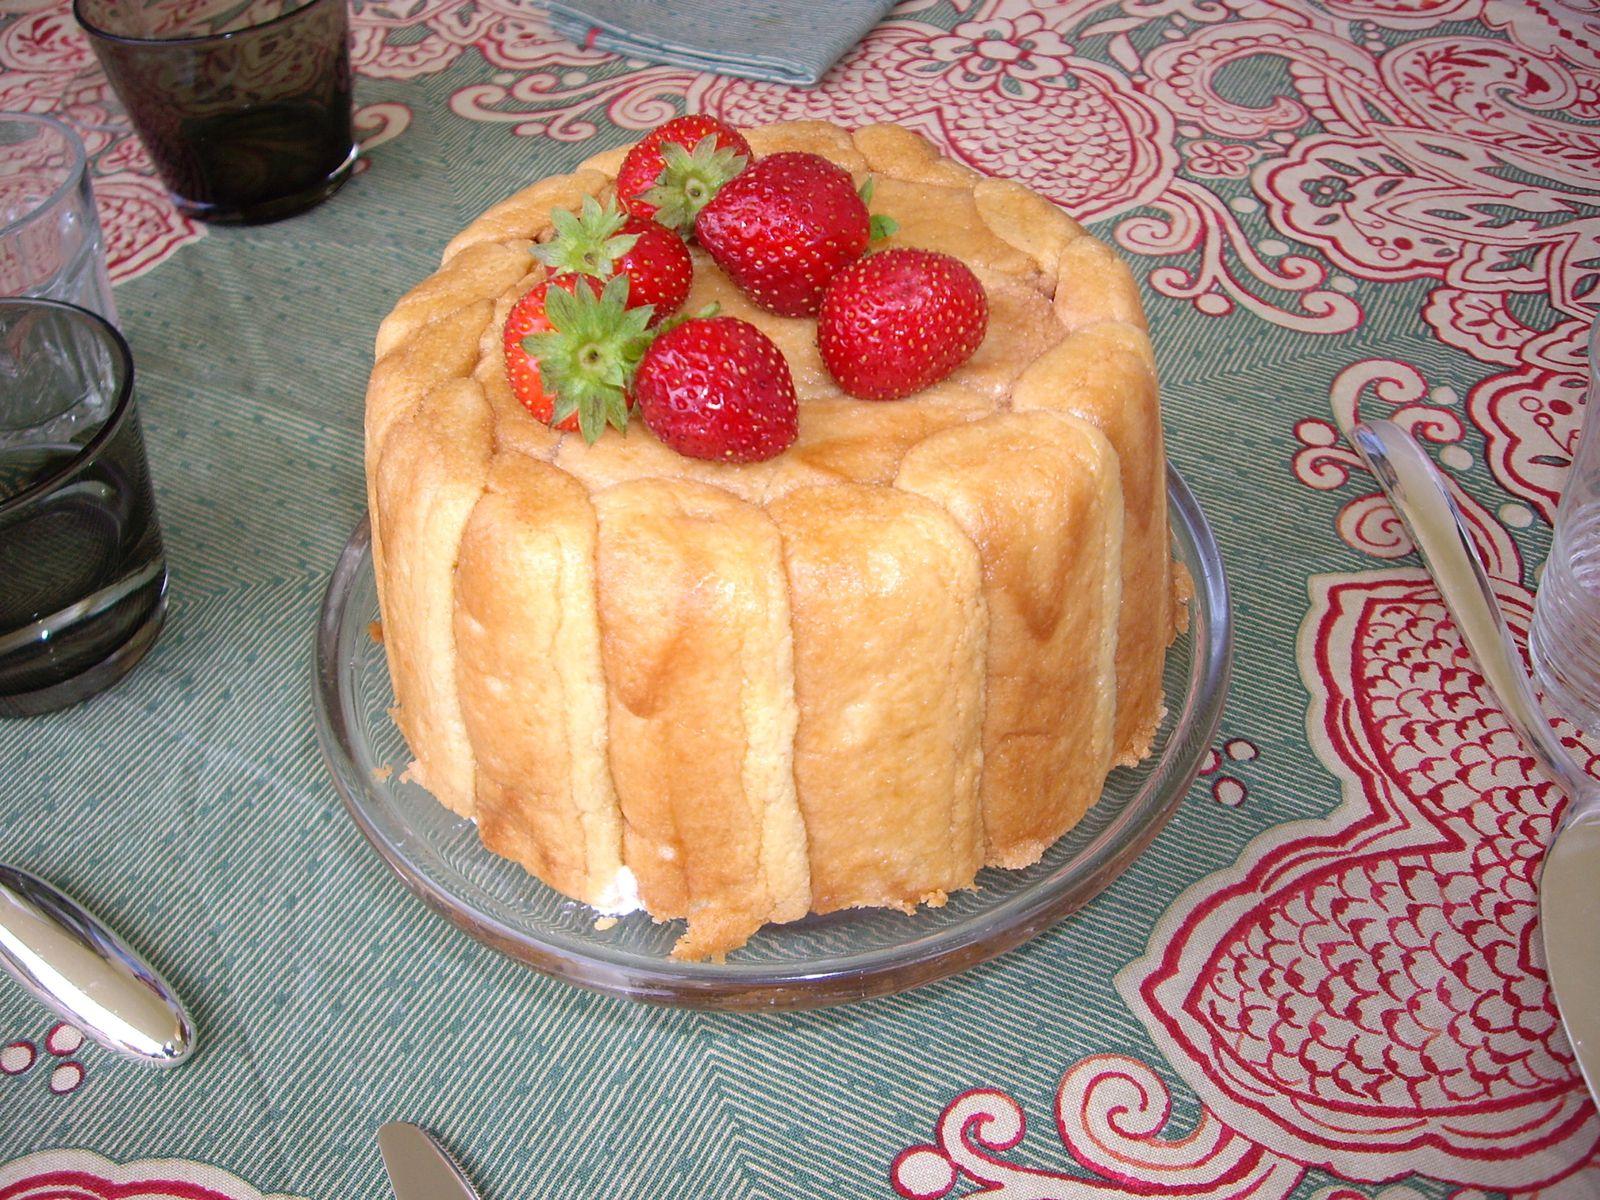 Recette gateau mousse fraise sans gelatine